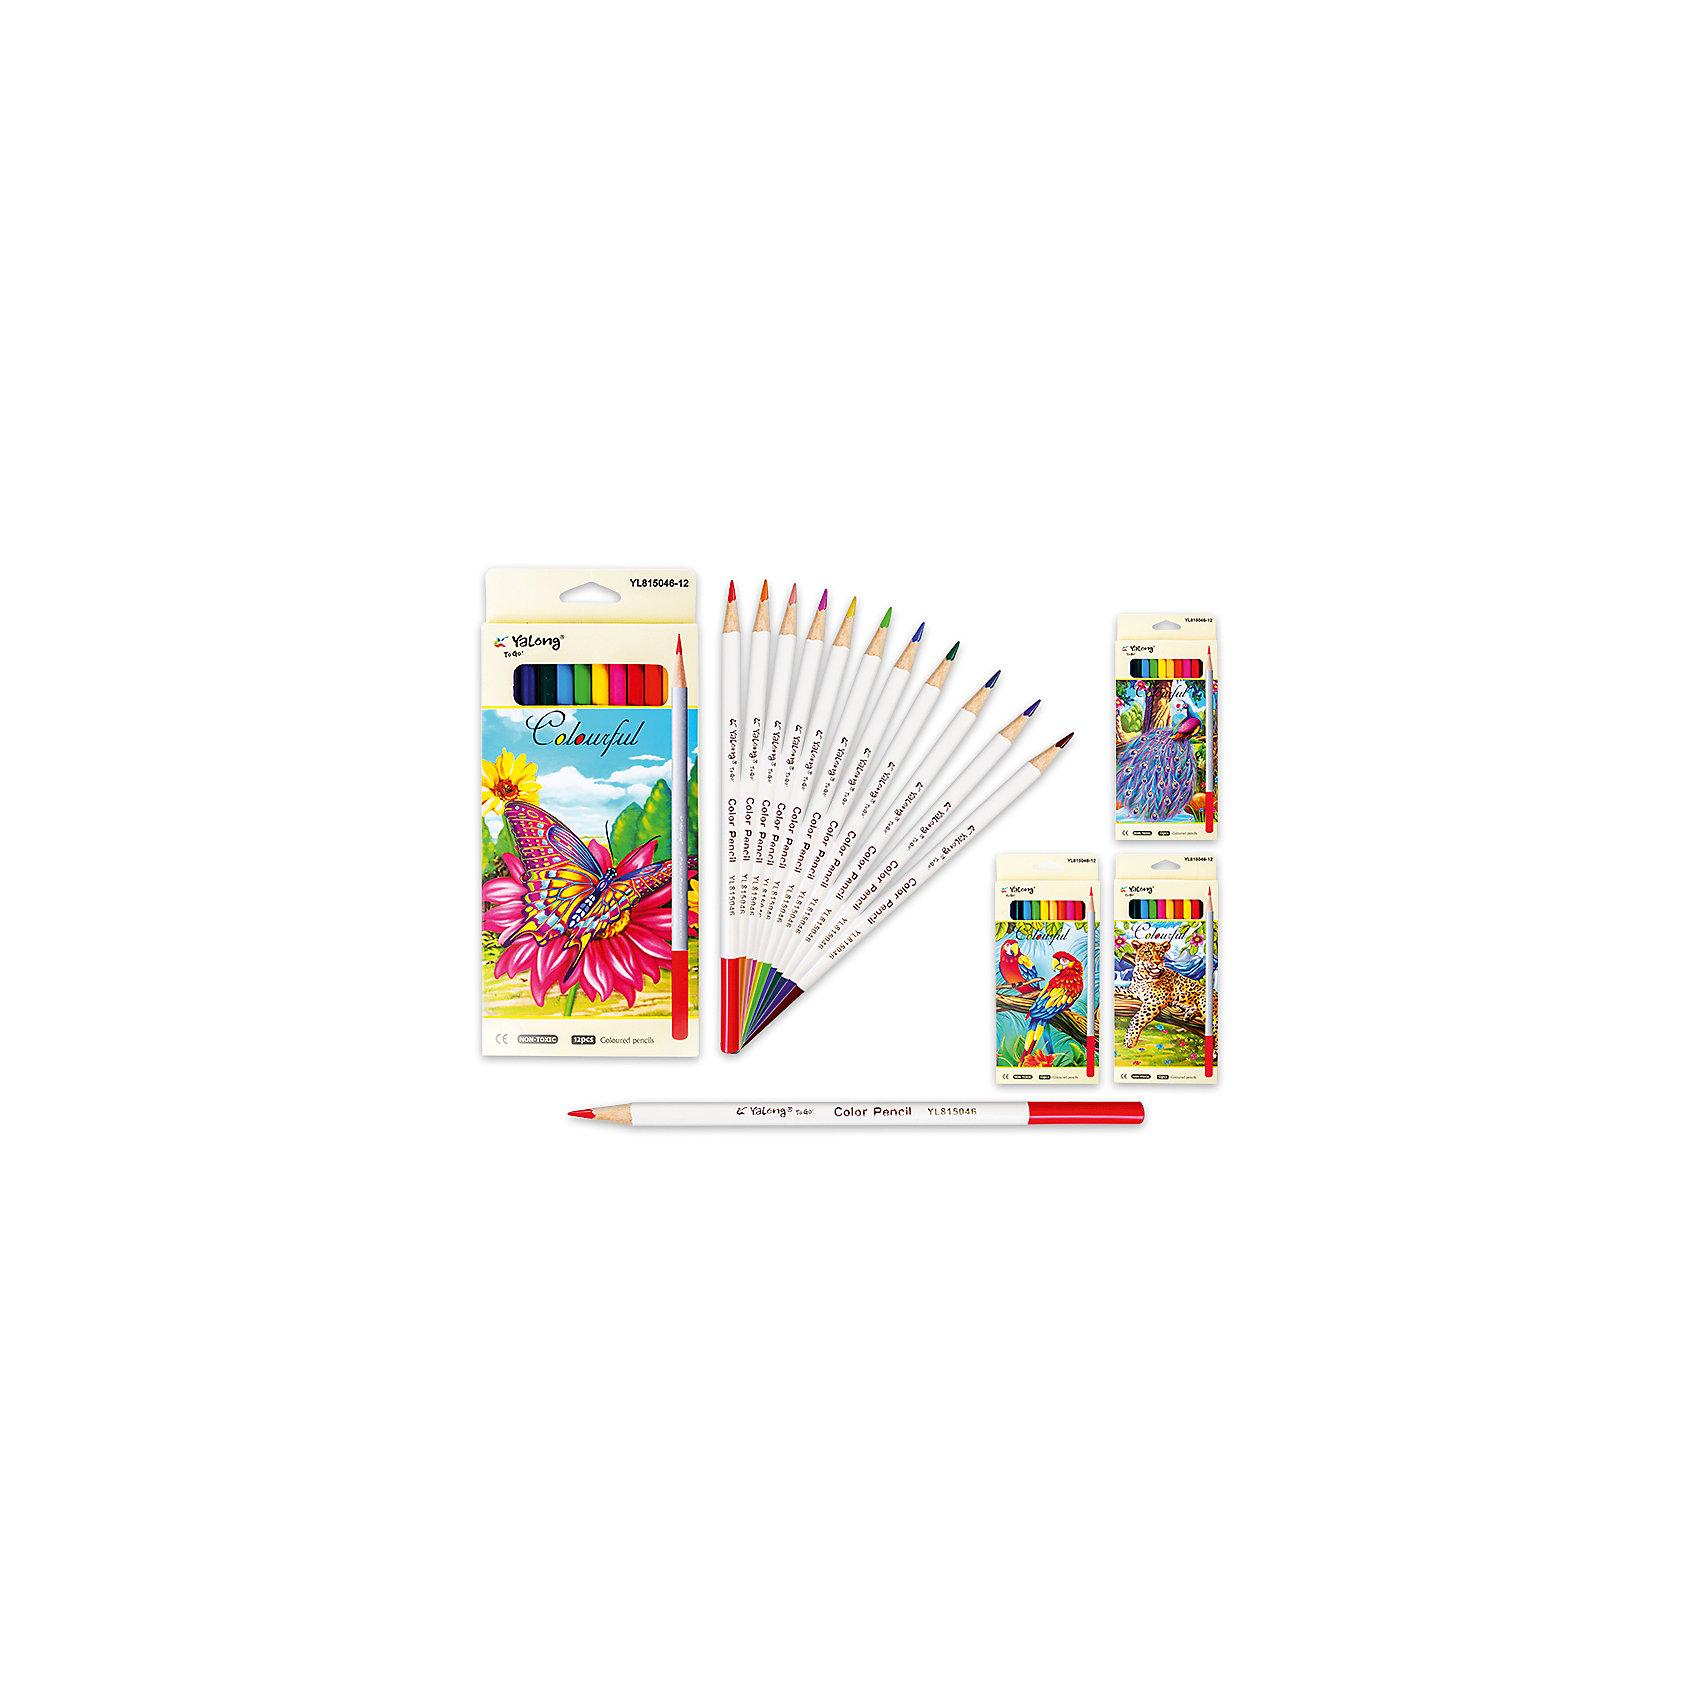 Цветные карандаши, 12 цветов (дизайн в ассортименте)Последняя цена<br>Набор цветных карандашей – классический пункт в списке школьных покупок. Качественные карандаши прослужат ребенку не один год даже при активном использовании. Важно подобрать набор с яркими цветами, мягким, но прочным стержнем и грифелем с легкой растушевкой. Данная модель набора цветных карандашей – отличный выбор для обновки школьного пенала. Карандаши имеют круглый бежевый корпус с цветным окончанием, что выглядит стильно. Все материалы, использованные при изготовлении, отвечают международным требованиям по качеству и безопасности.<br><br>Дополнительная информация: <br><br>количество цветов: 12 шт;<br>материал: дерево.<br><br>Цветные карандаши, 12 цветов (дизайн в ассортименте) можно приобрести в нашем магазине.<br><br>Ширина мм: 100<br>Глубина мм: 100<br>Высота мм: 10<br>Вес г: 50<br>Возраст от месяцев: 36<br>Возраст до месяцев: 120<br>Пол: Унисекс<br>Возраст: Детский<br>SKU: 4993597